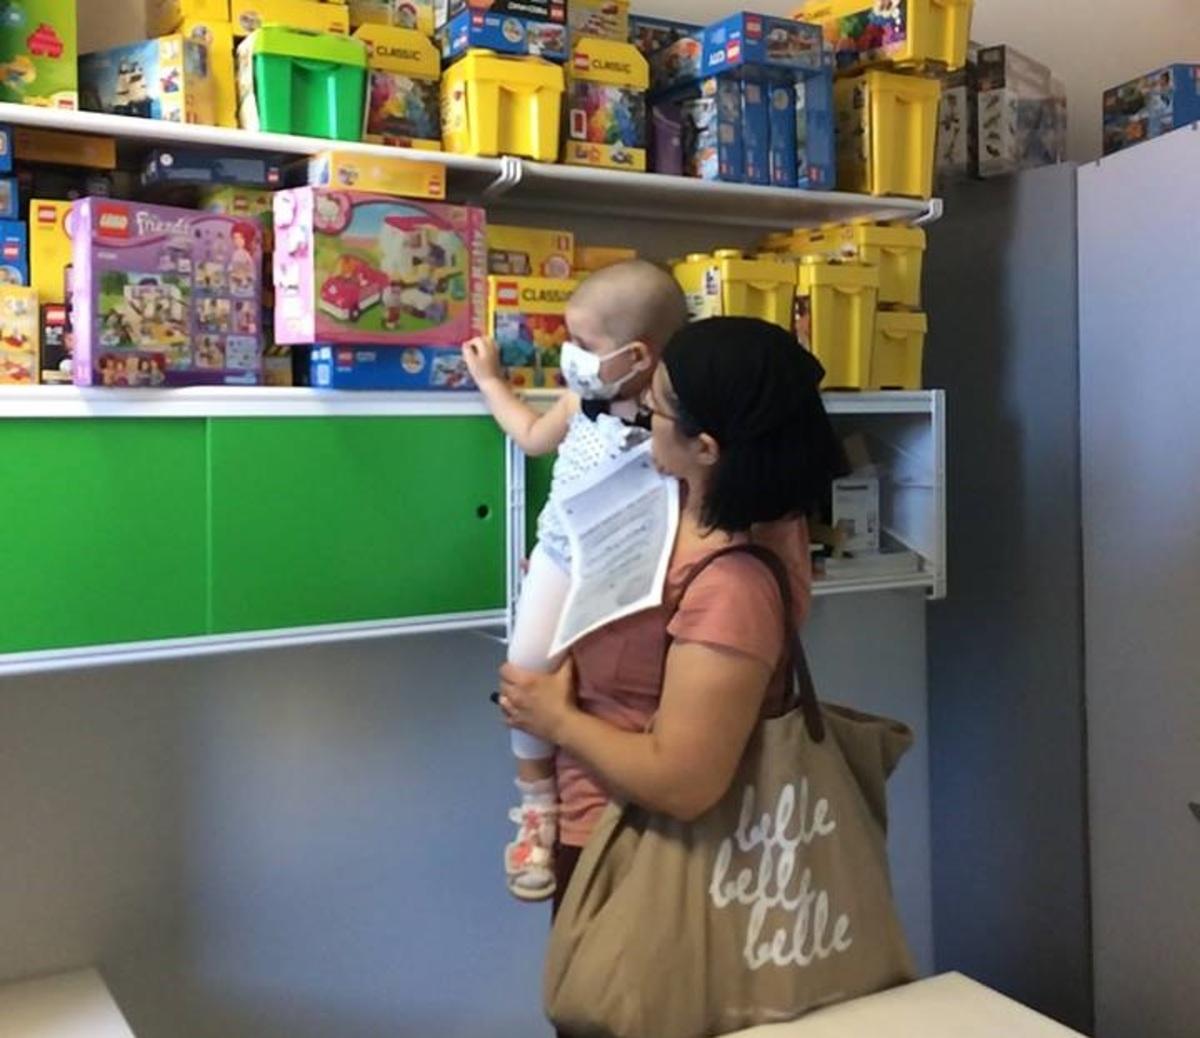 Συγκινητική κινητοποίηση στο ίντερνετ για παιδιατρική κλινική που είχε έλλειψη από Lego! | Newsit.gr